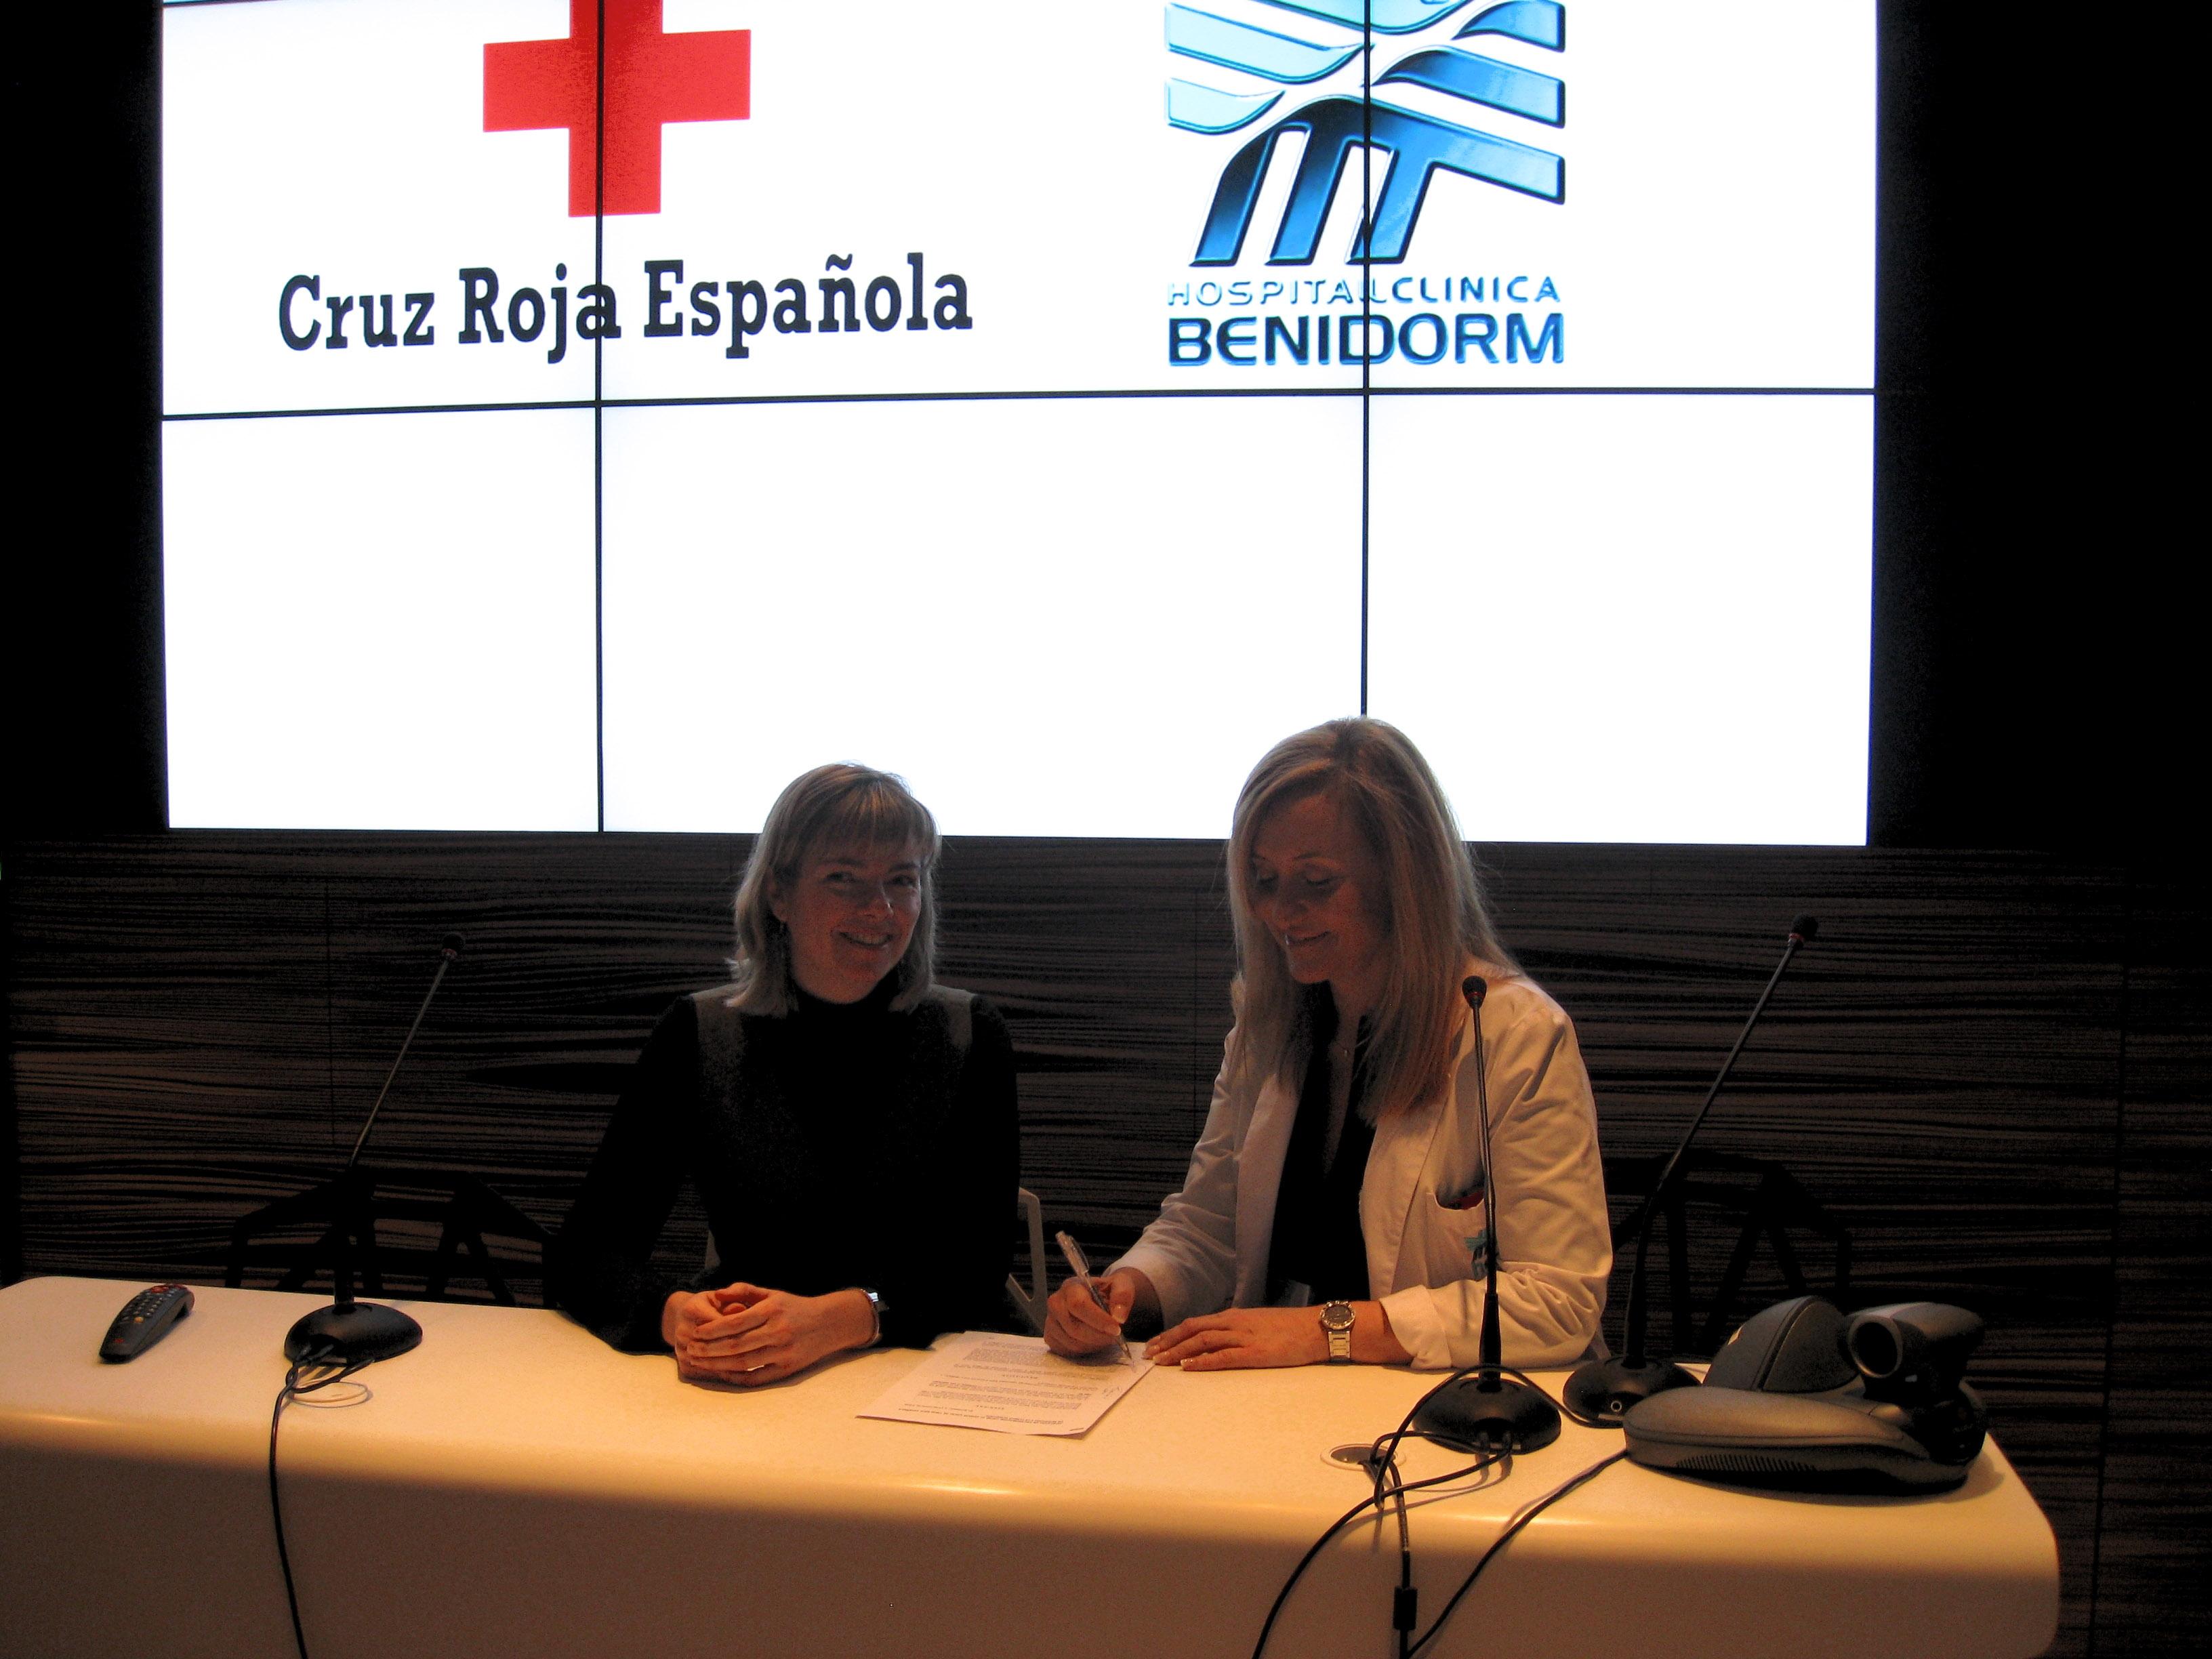 Voluntarios de Cruz Roja acompañarán a pacientes del Hospital Clínica Benidorm que estén solos